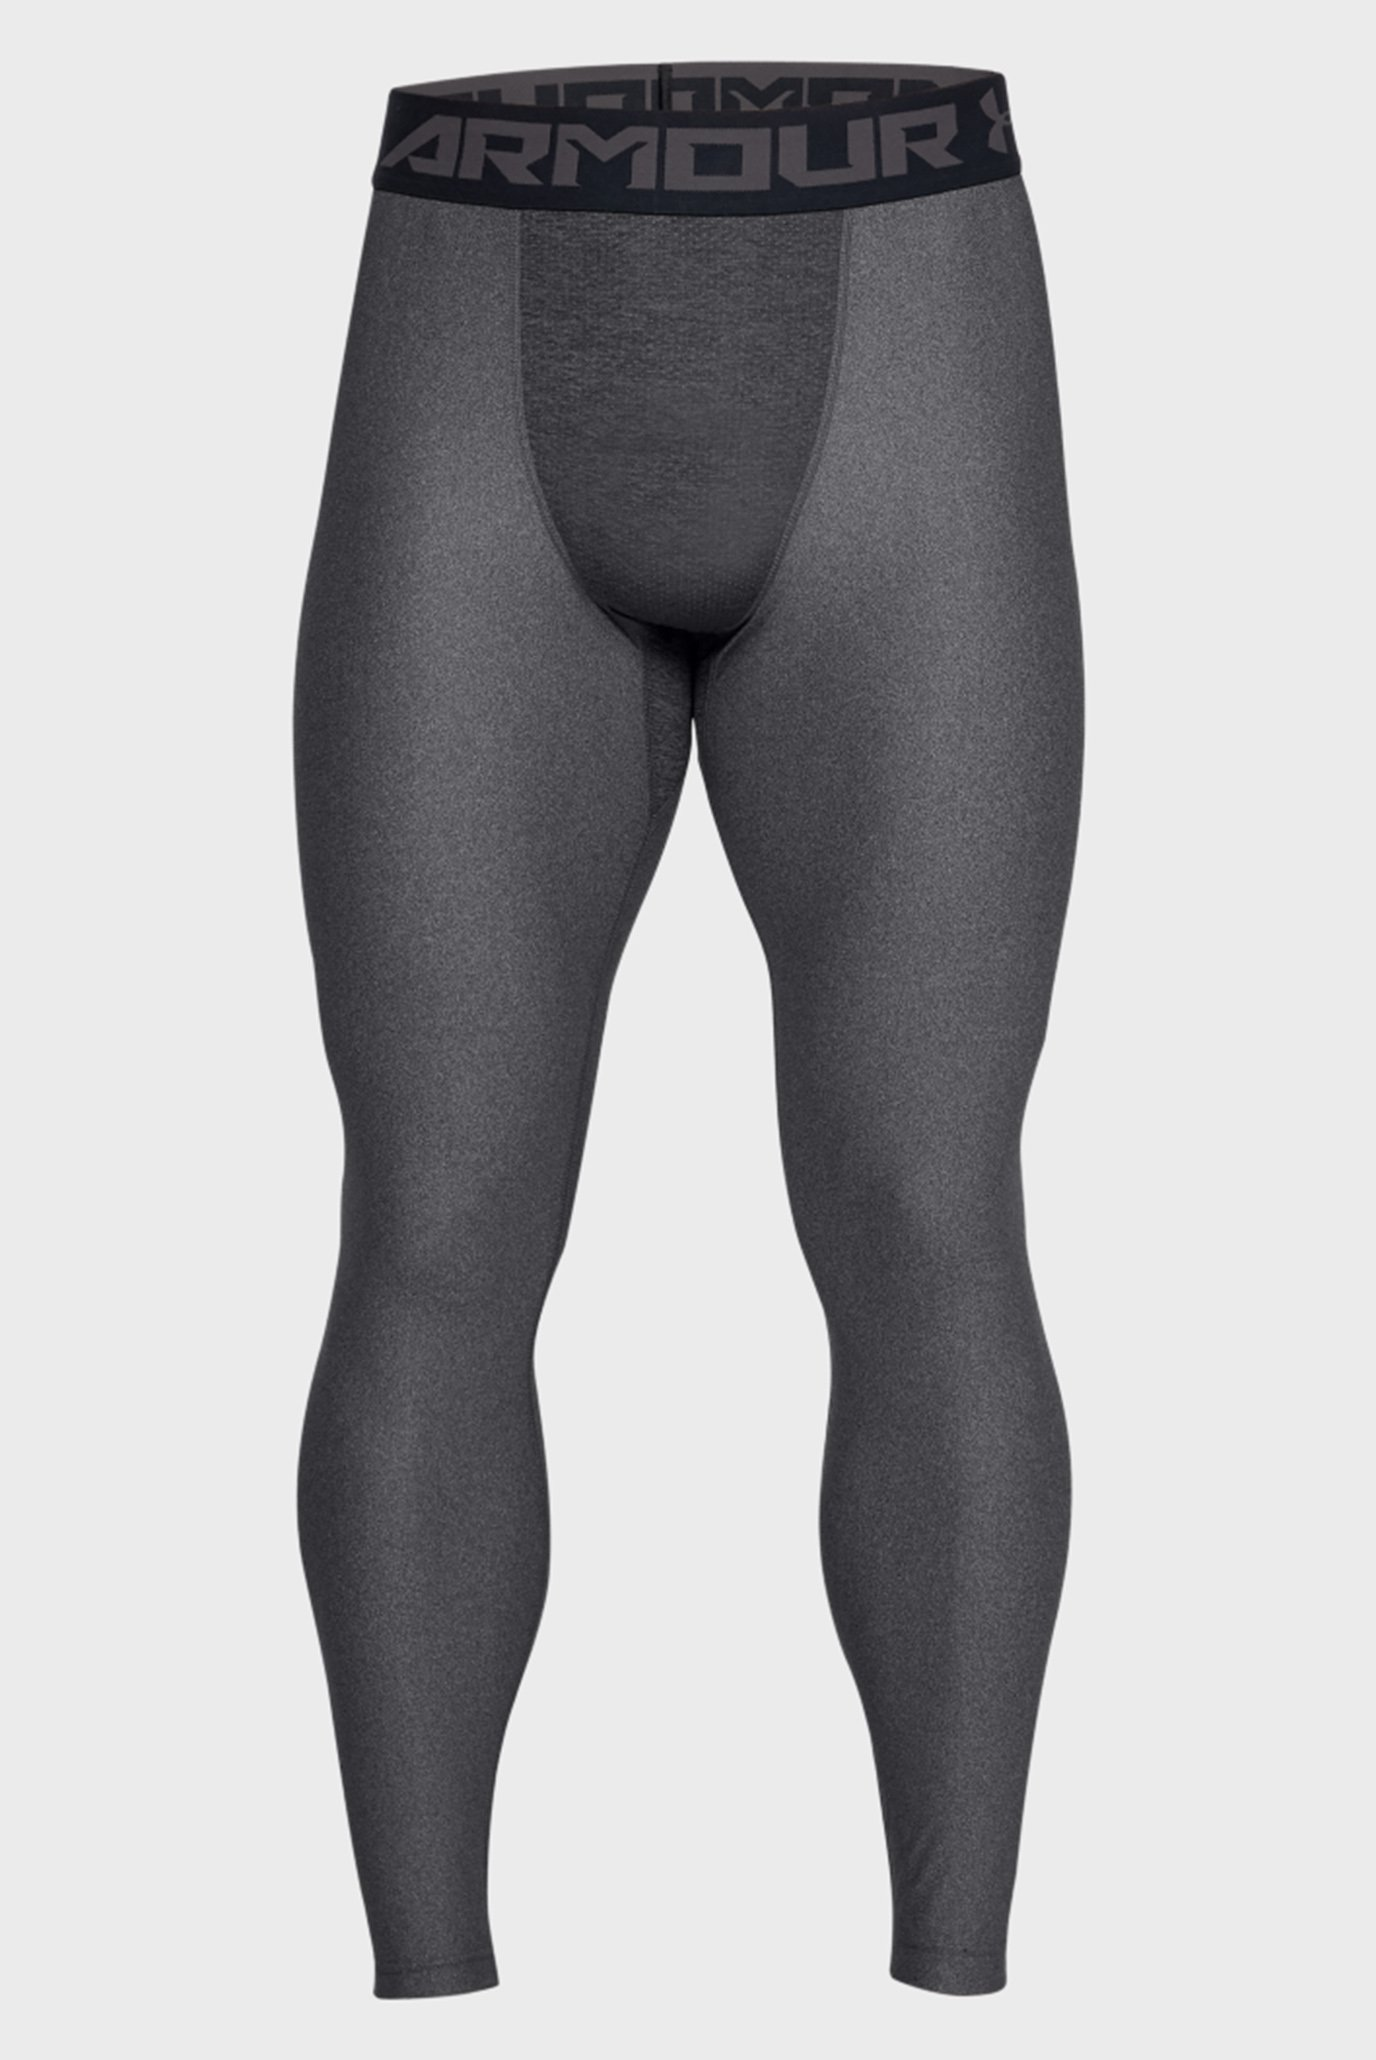 Купить Мужские серые тайтсы HG ARMOUR 2.0 LEGGING Under Armour Under Armour 1289577-090 – Киев, Украина. Цены в интернет магазине MD Fashion